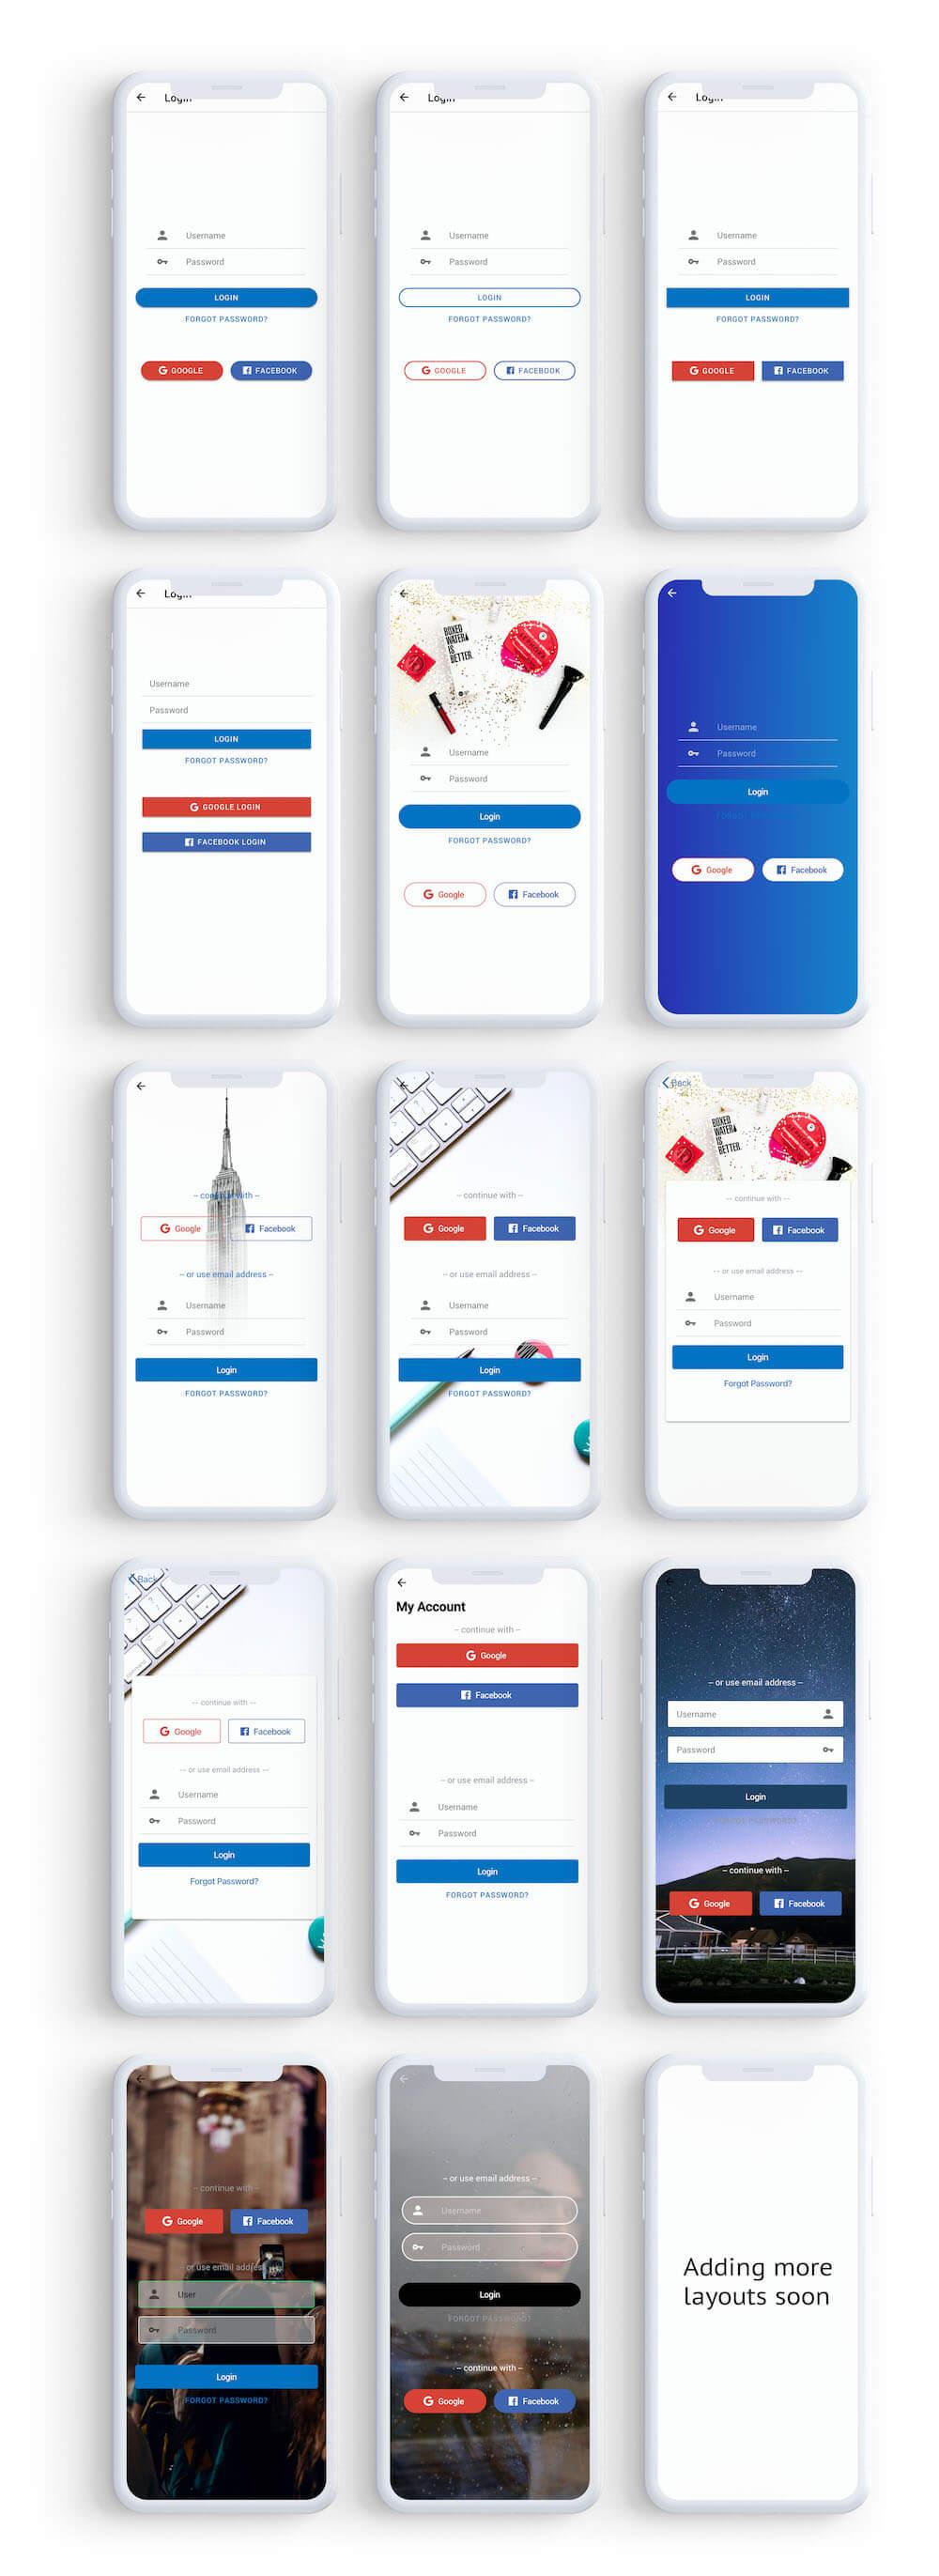 سورس اپلیکیشن ووکامرس Ionic (اندروید و iOS ) RTL